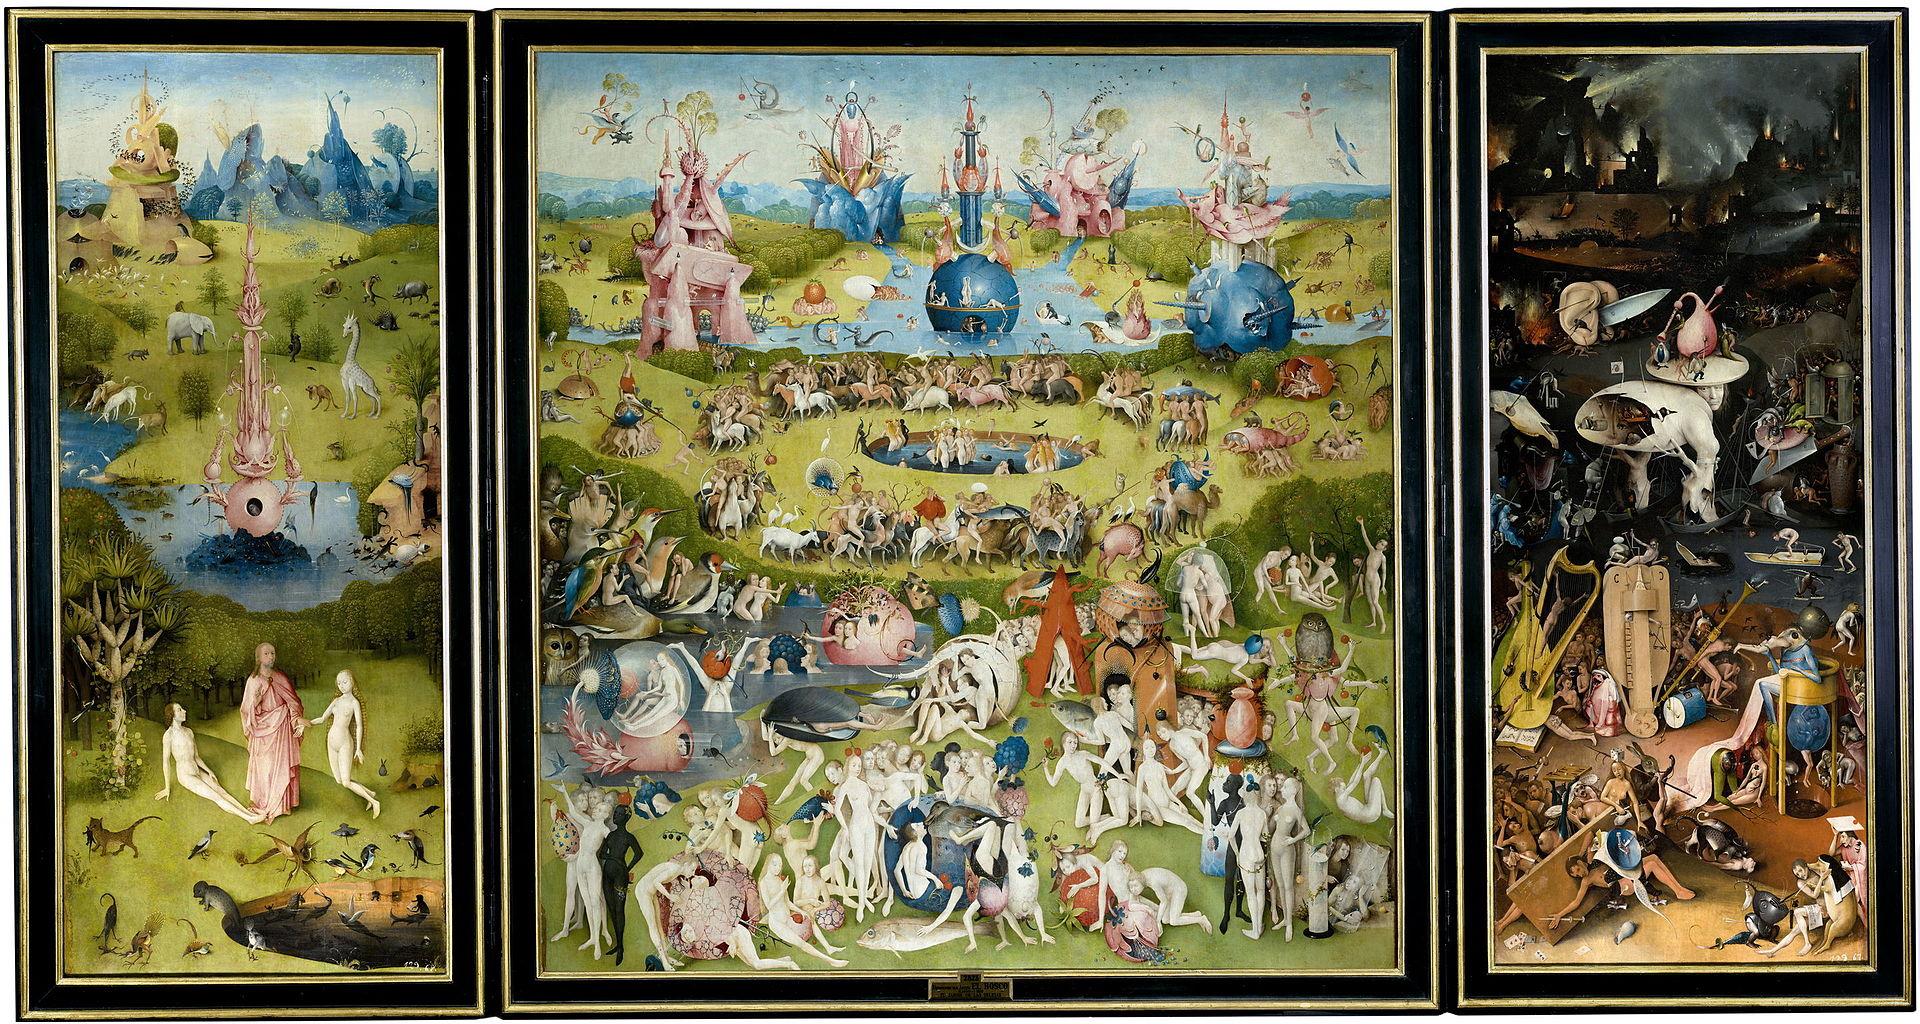 El Bosco - 1503-15 El jardín de las delicias